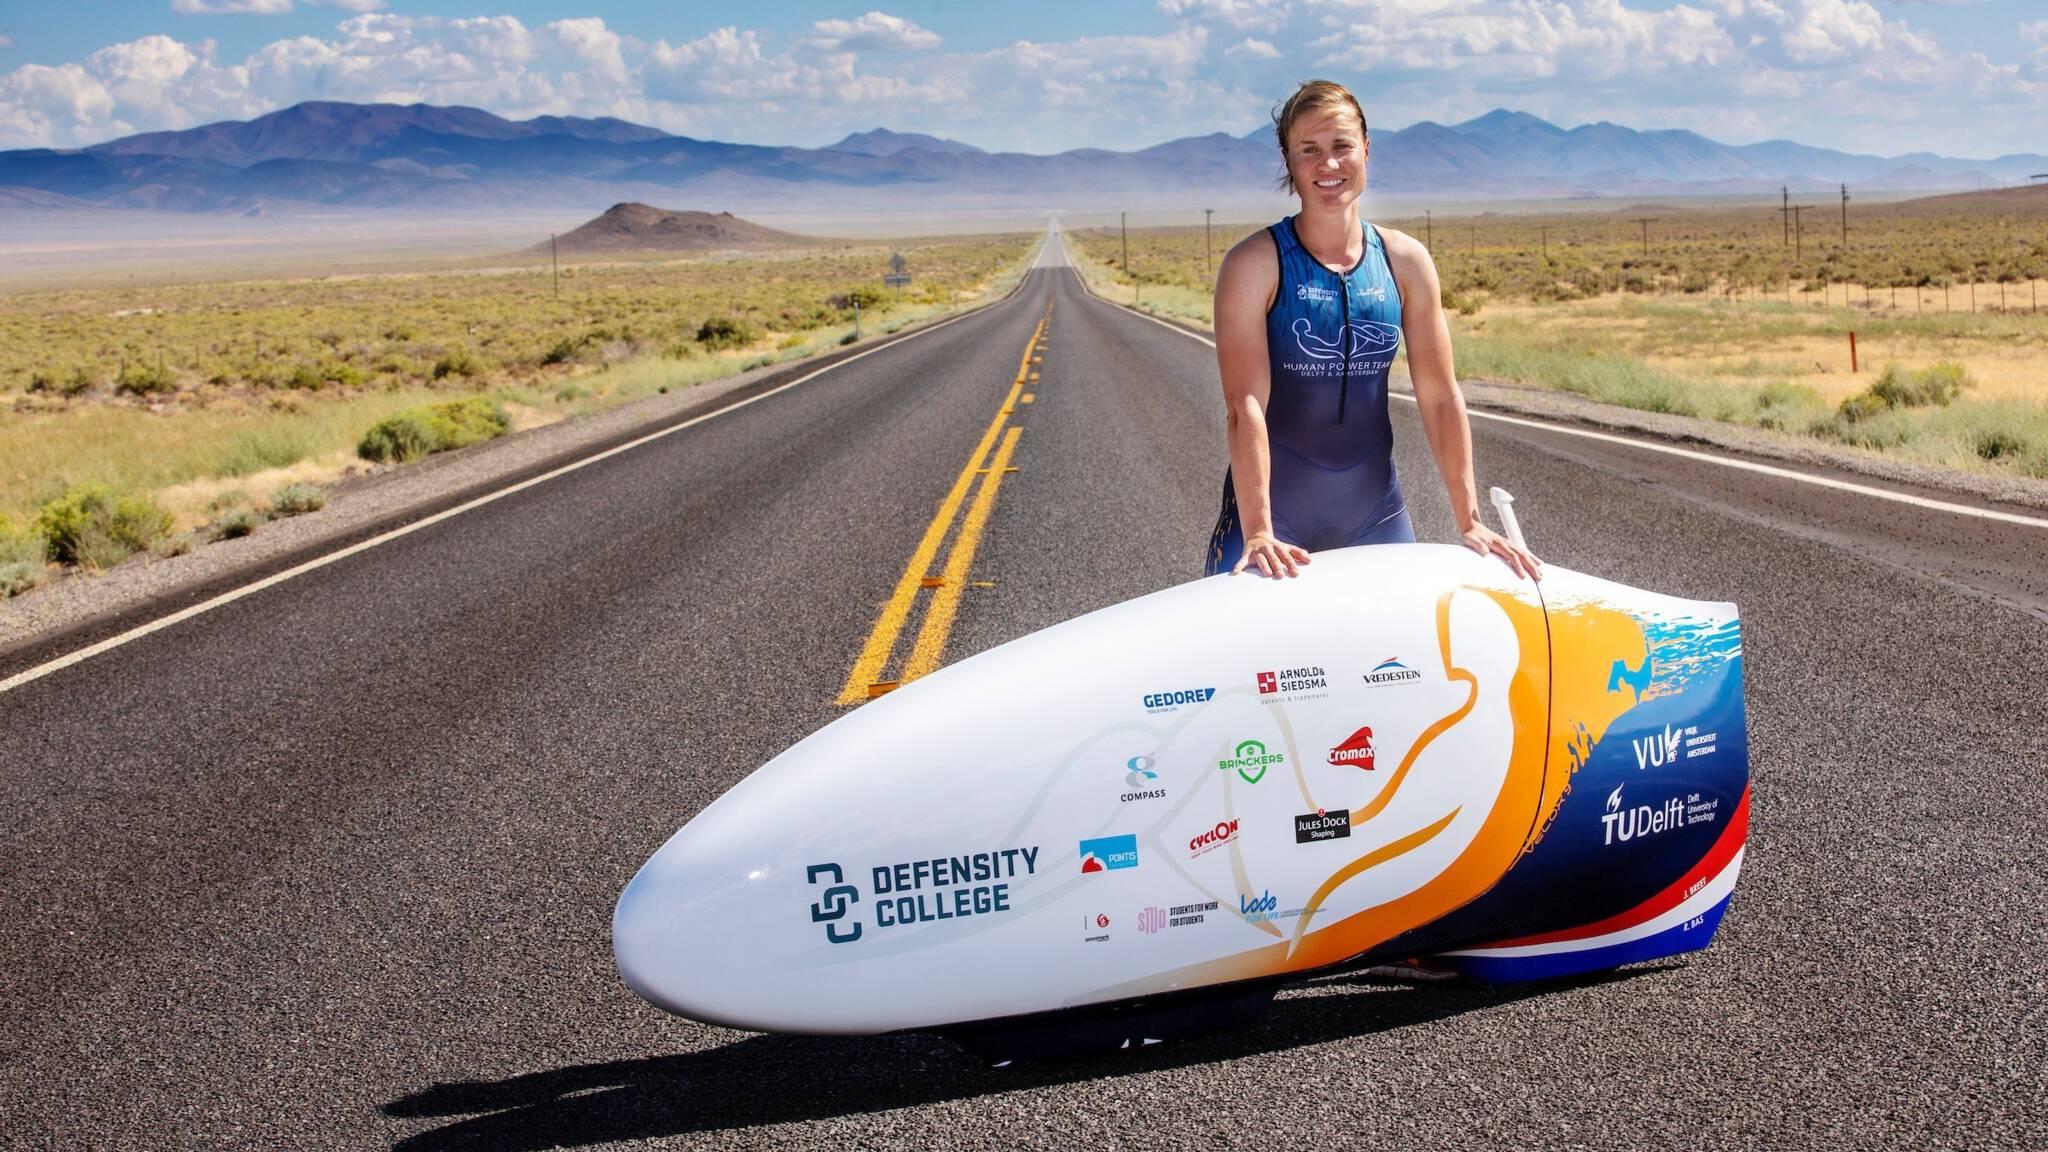 Student Rosa Bas eventjes wereldrecordhouder snelfietsen